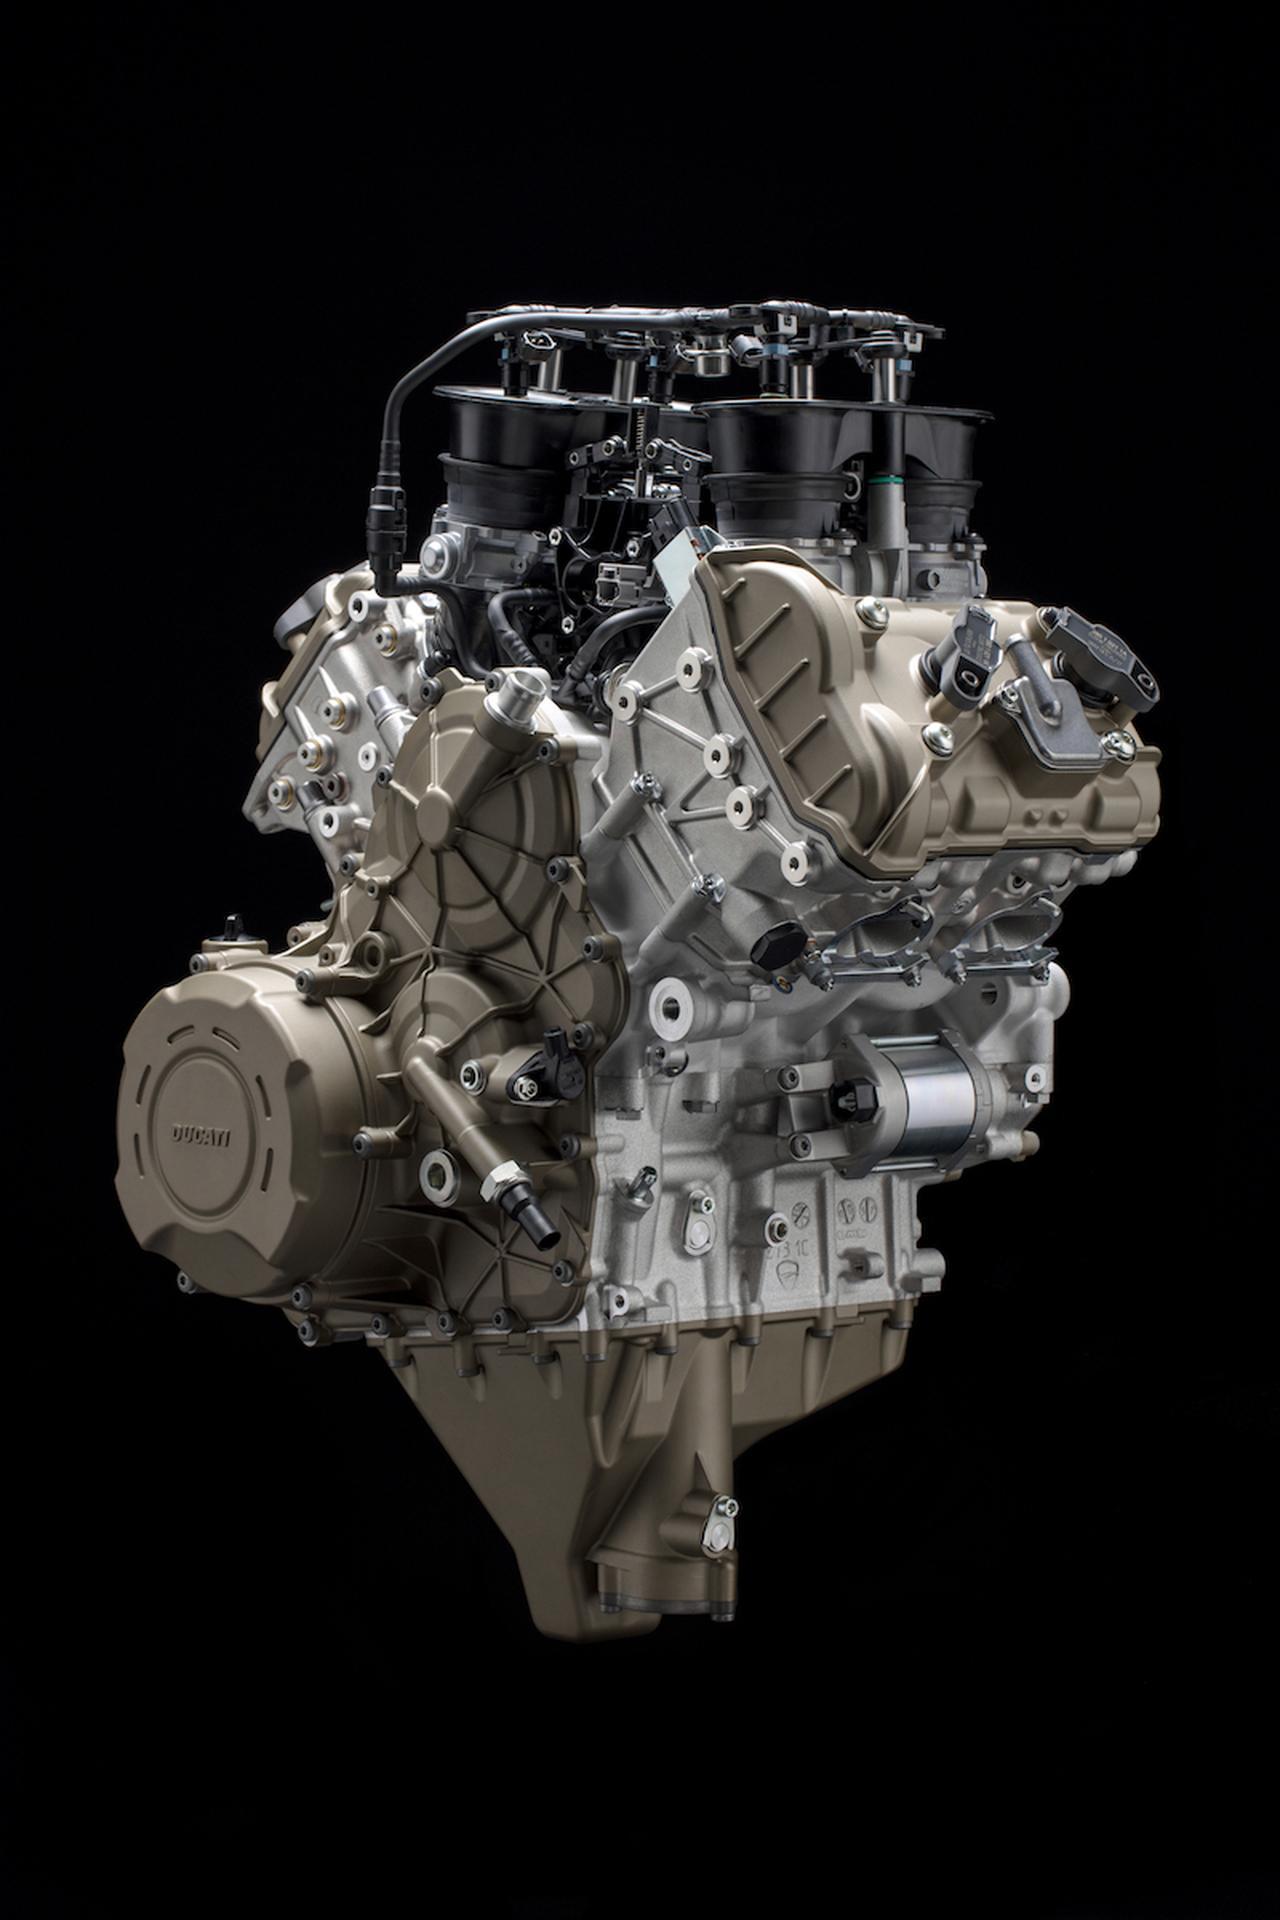 画像1: エンジンはなんと214PSを発揮、グレード構成は STD、S、スペチアーレの3機種をラインアップ